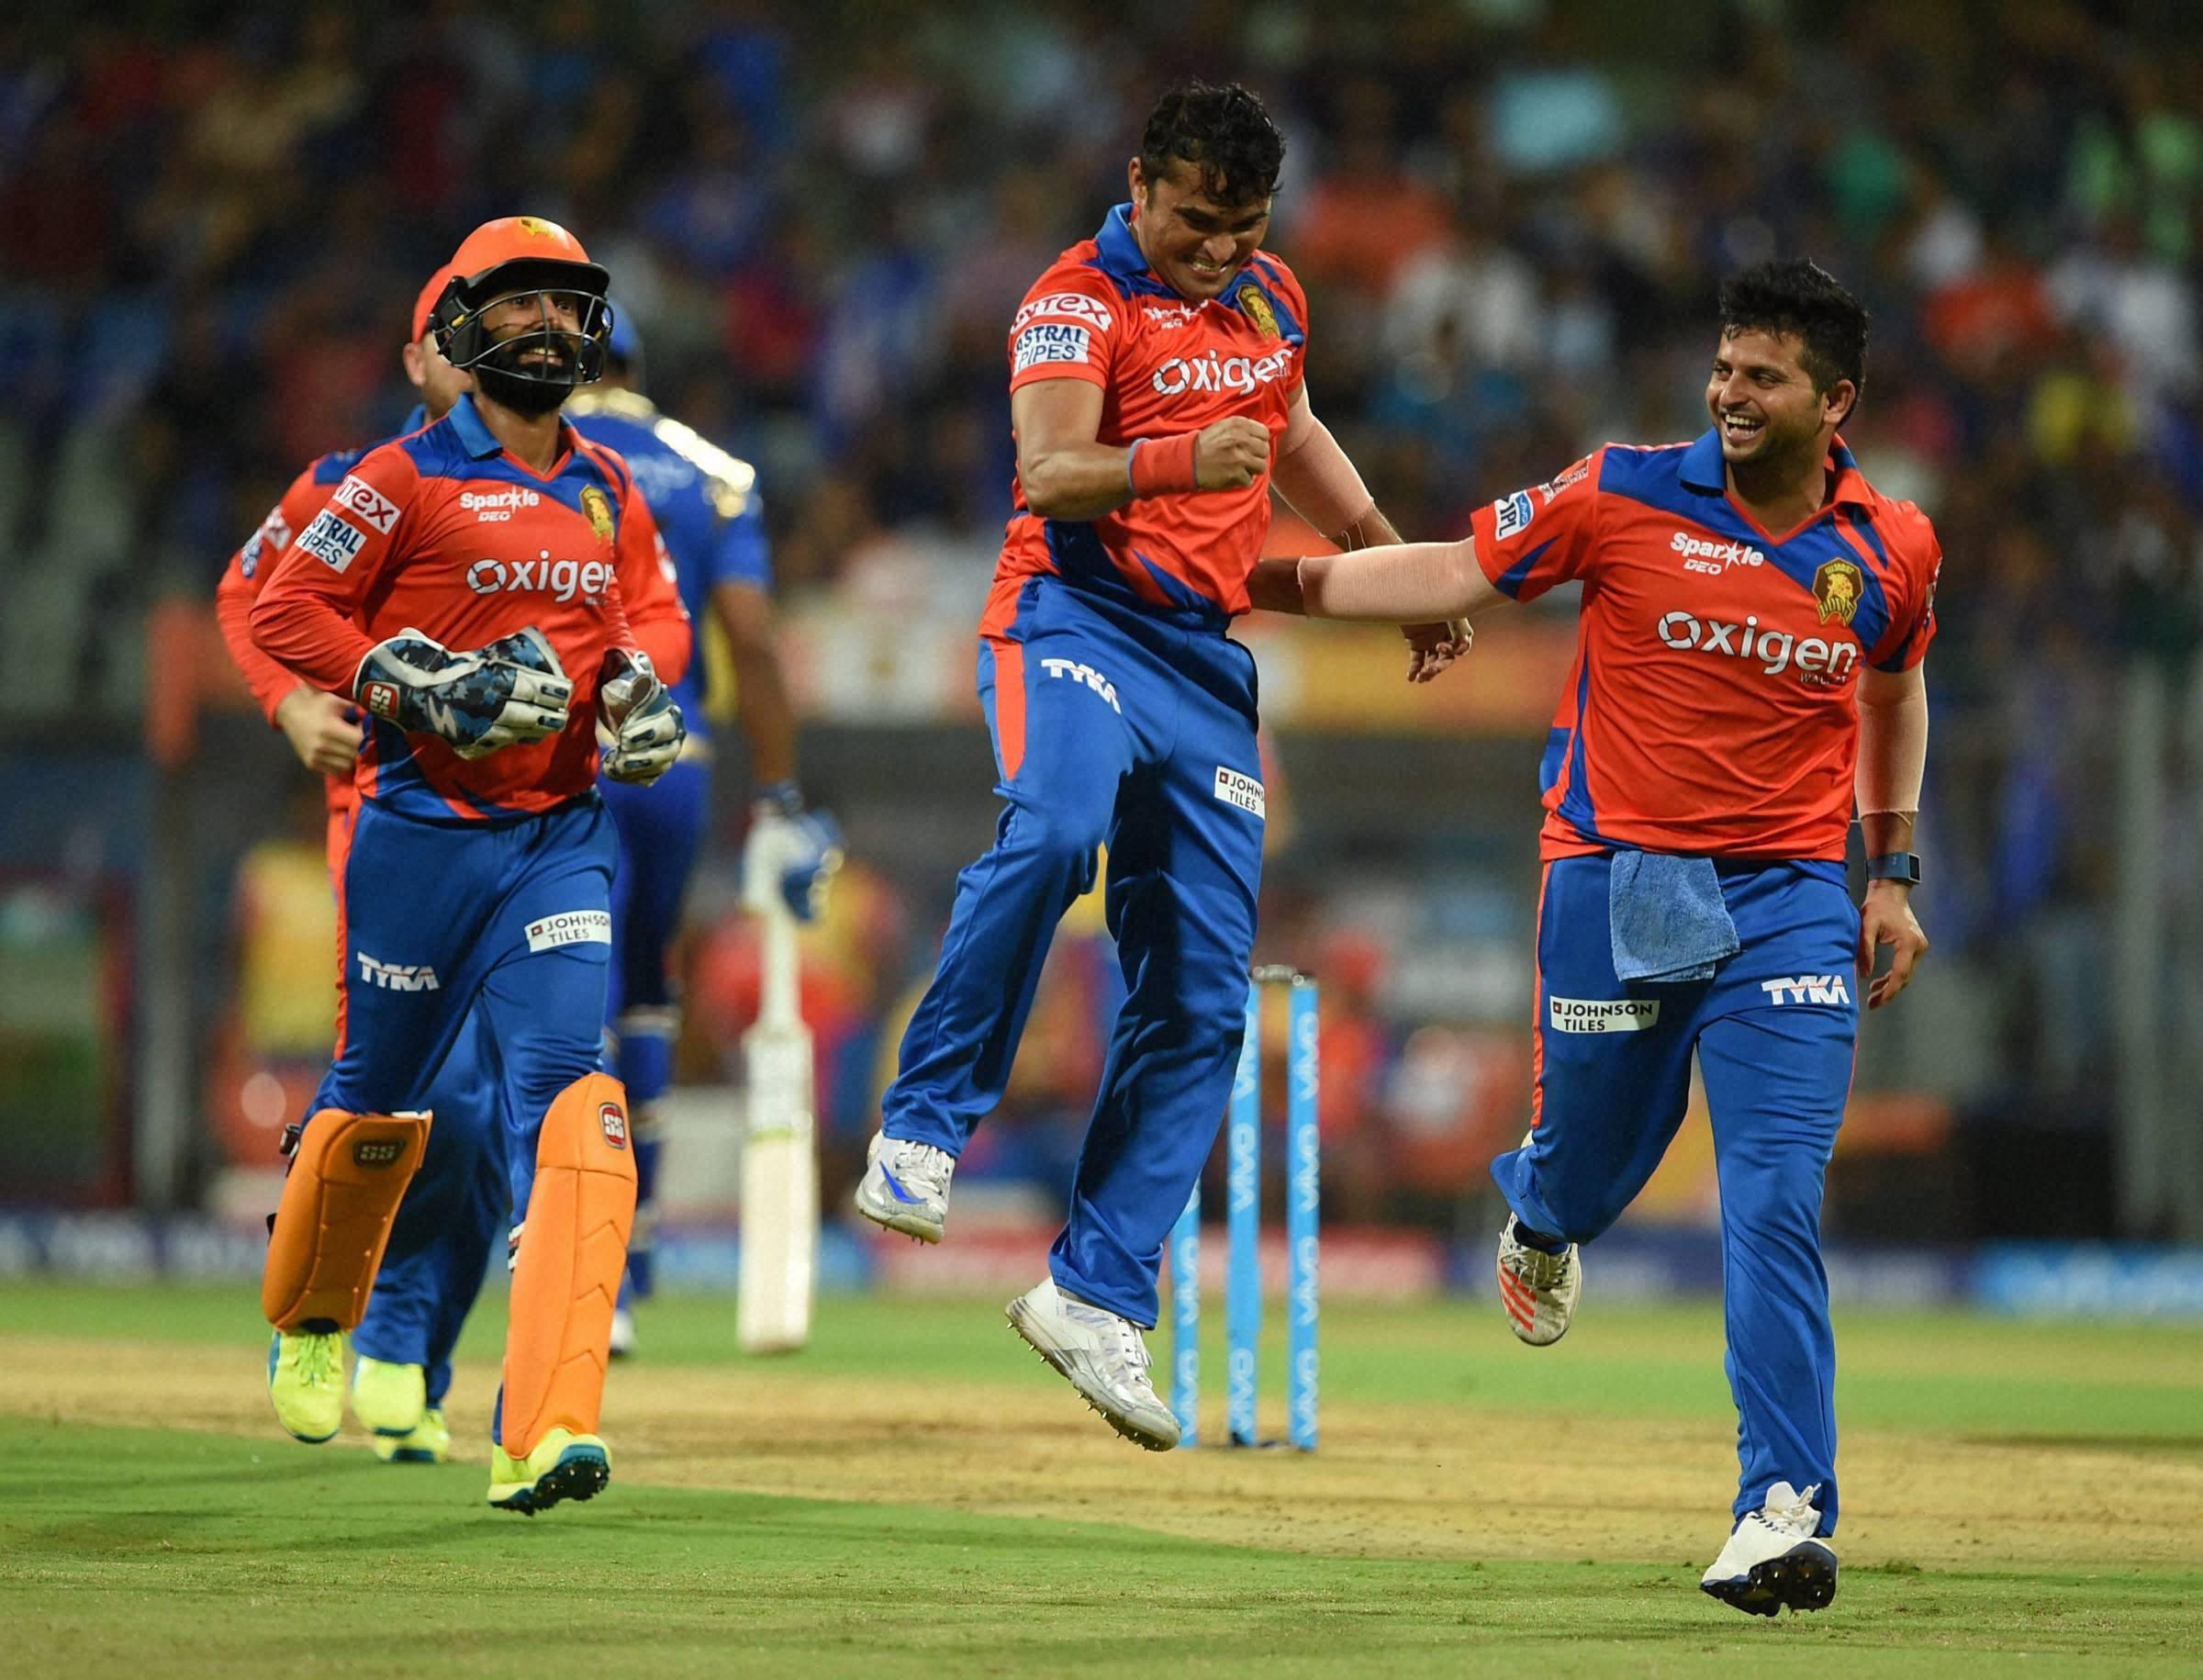 46 साल के प्रवीण तांबे ने कहा क्रिकेट खेलने के लिए उम्र मायने नहीं रखता, सिर्फ प्रदर्शन बोलता है